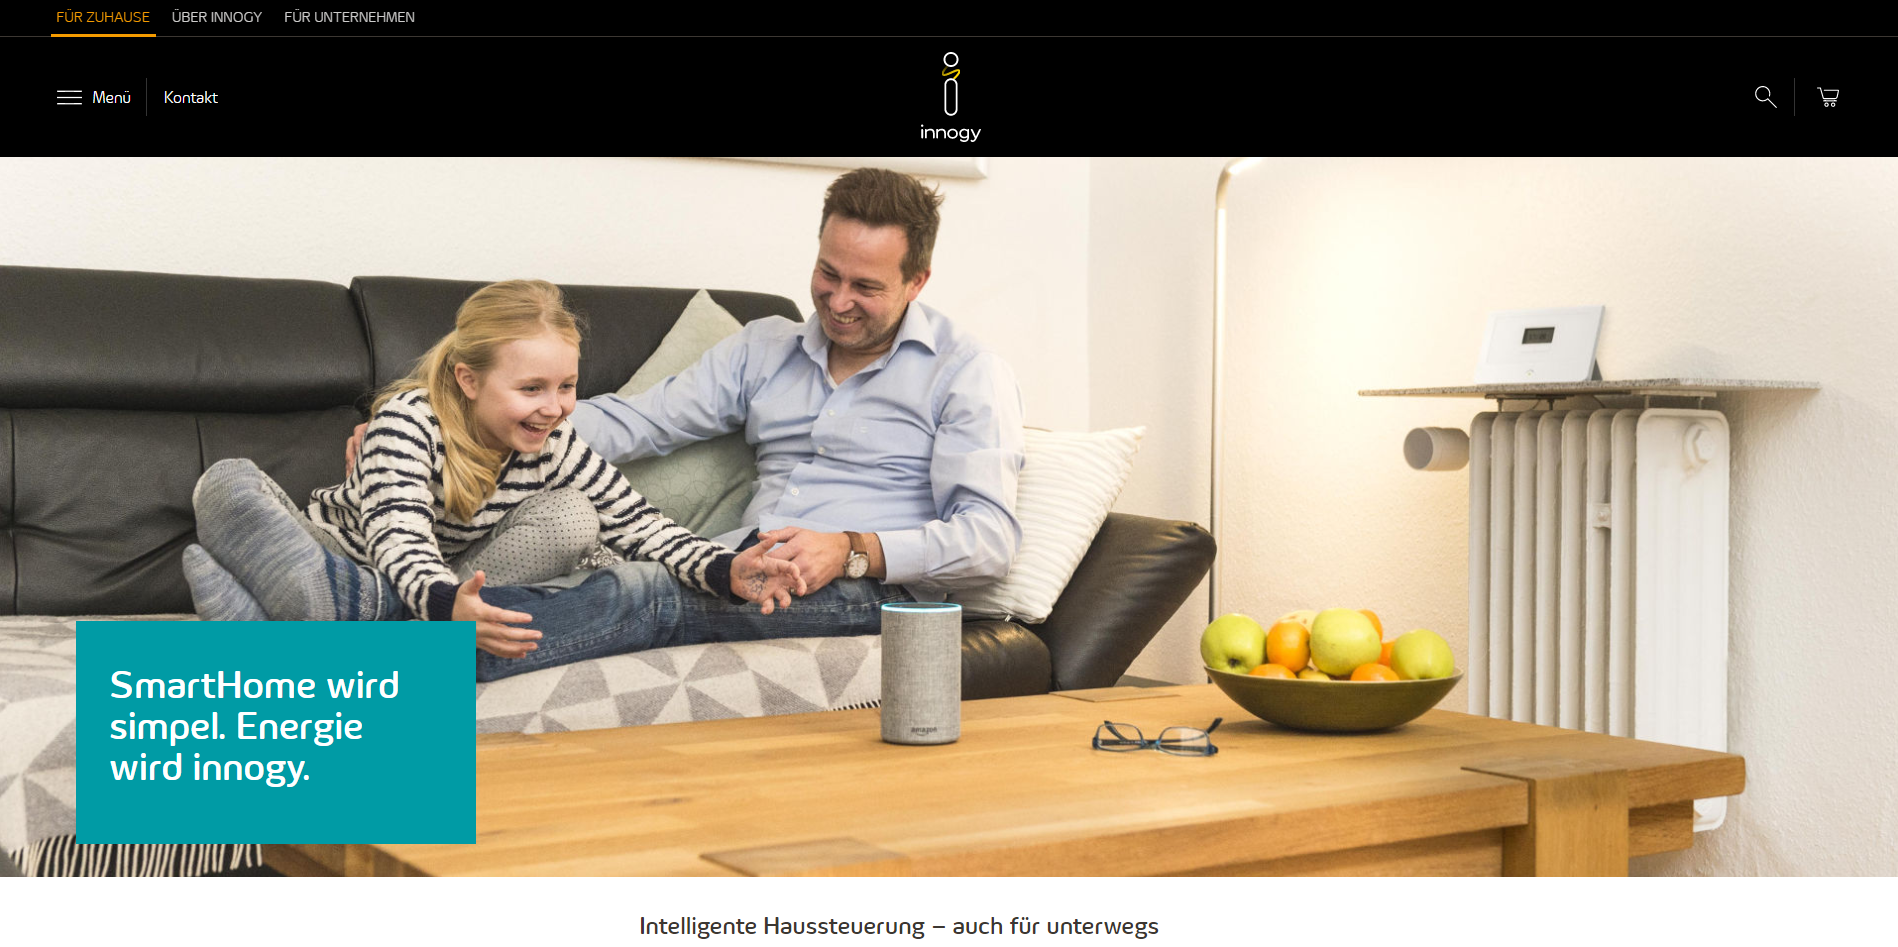 alternativen zu innogy die besten innogy alternativen 2018. Black Bedroom Furniture Sets. Home Design Ideas